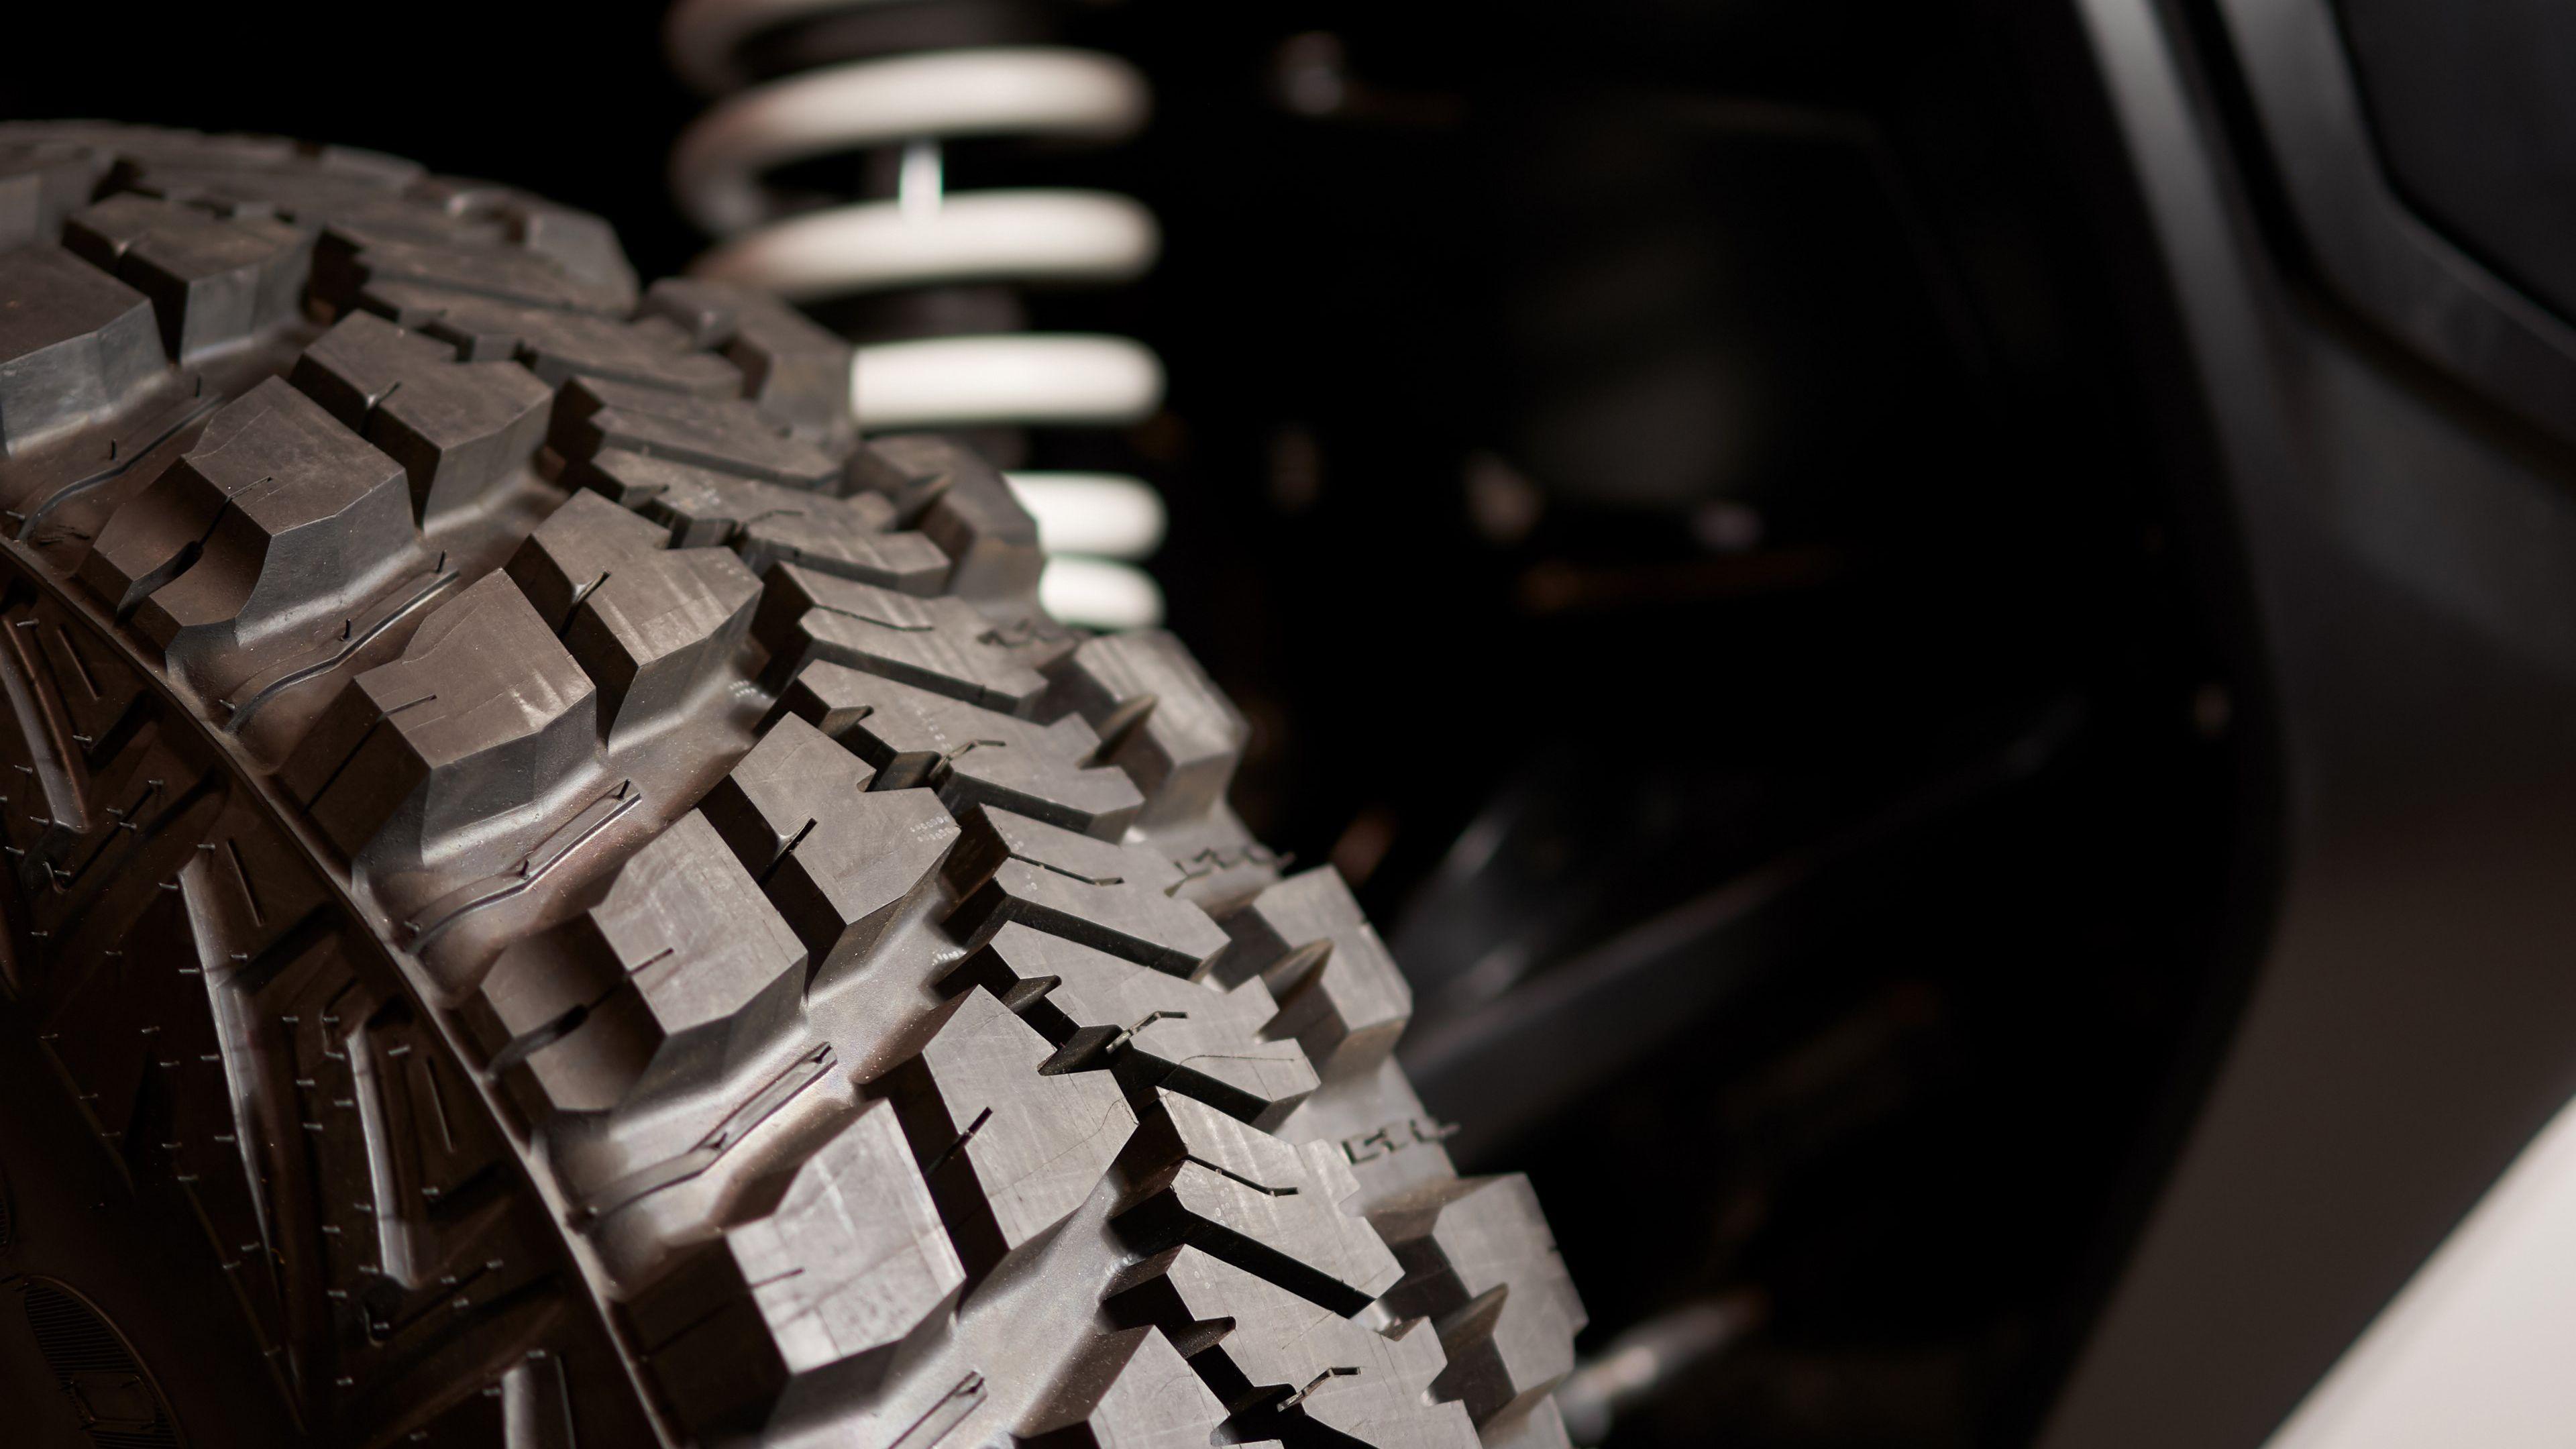 自動車・タイヤ業界における技術面の課題